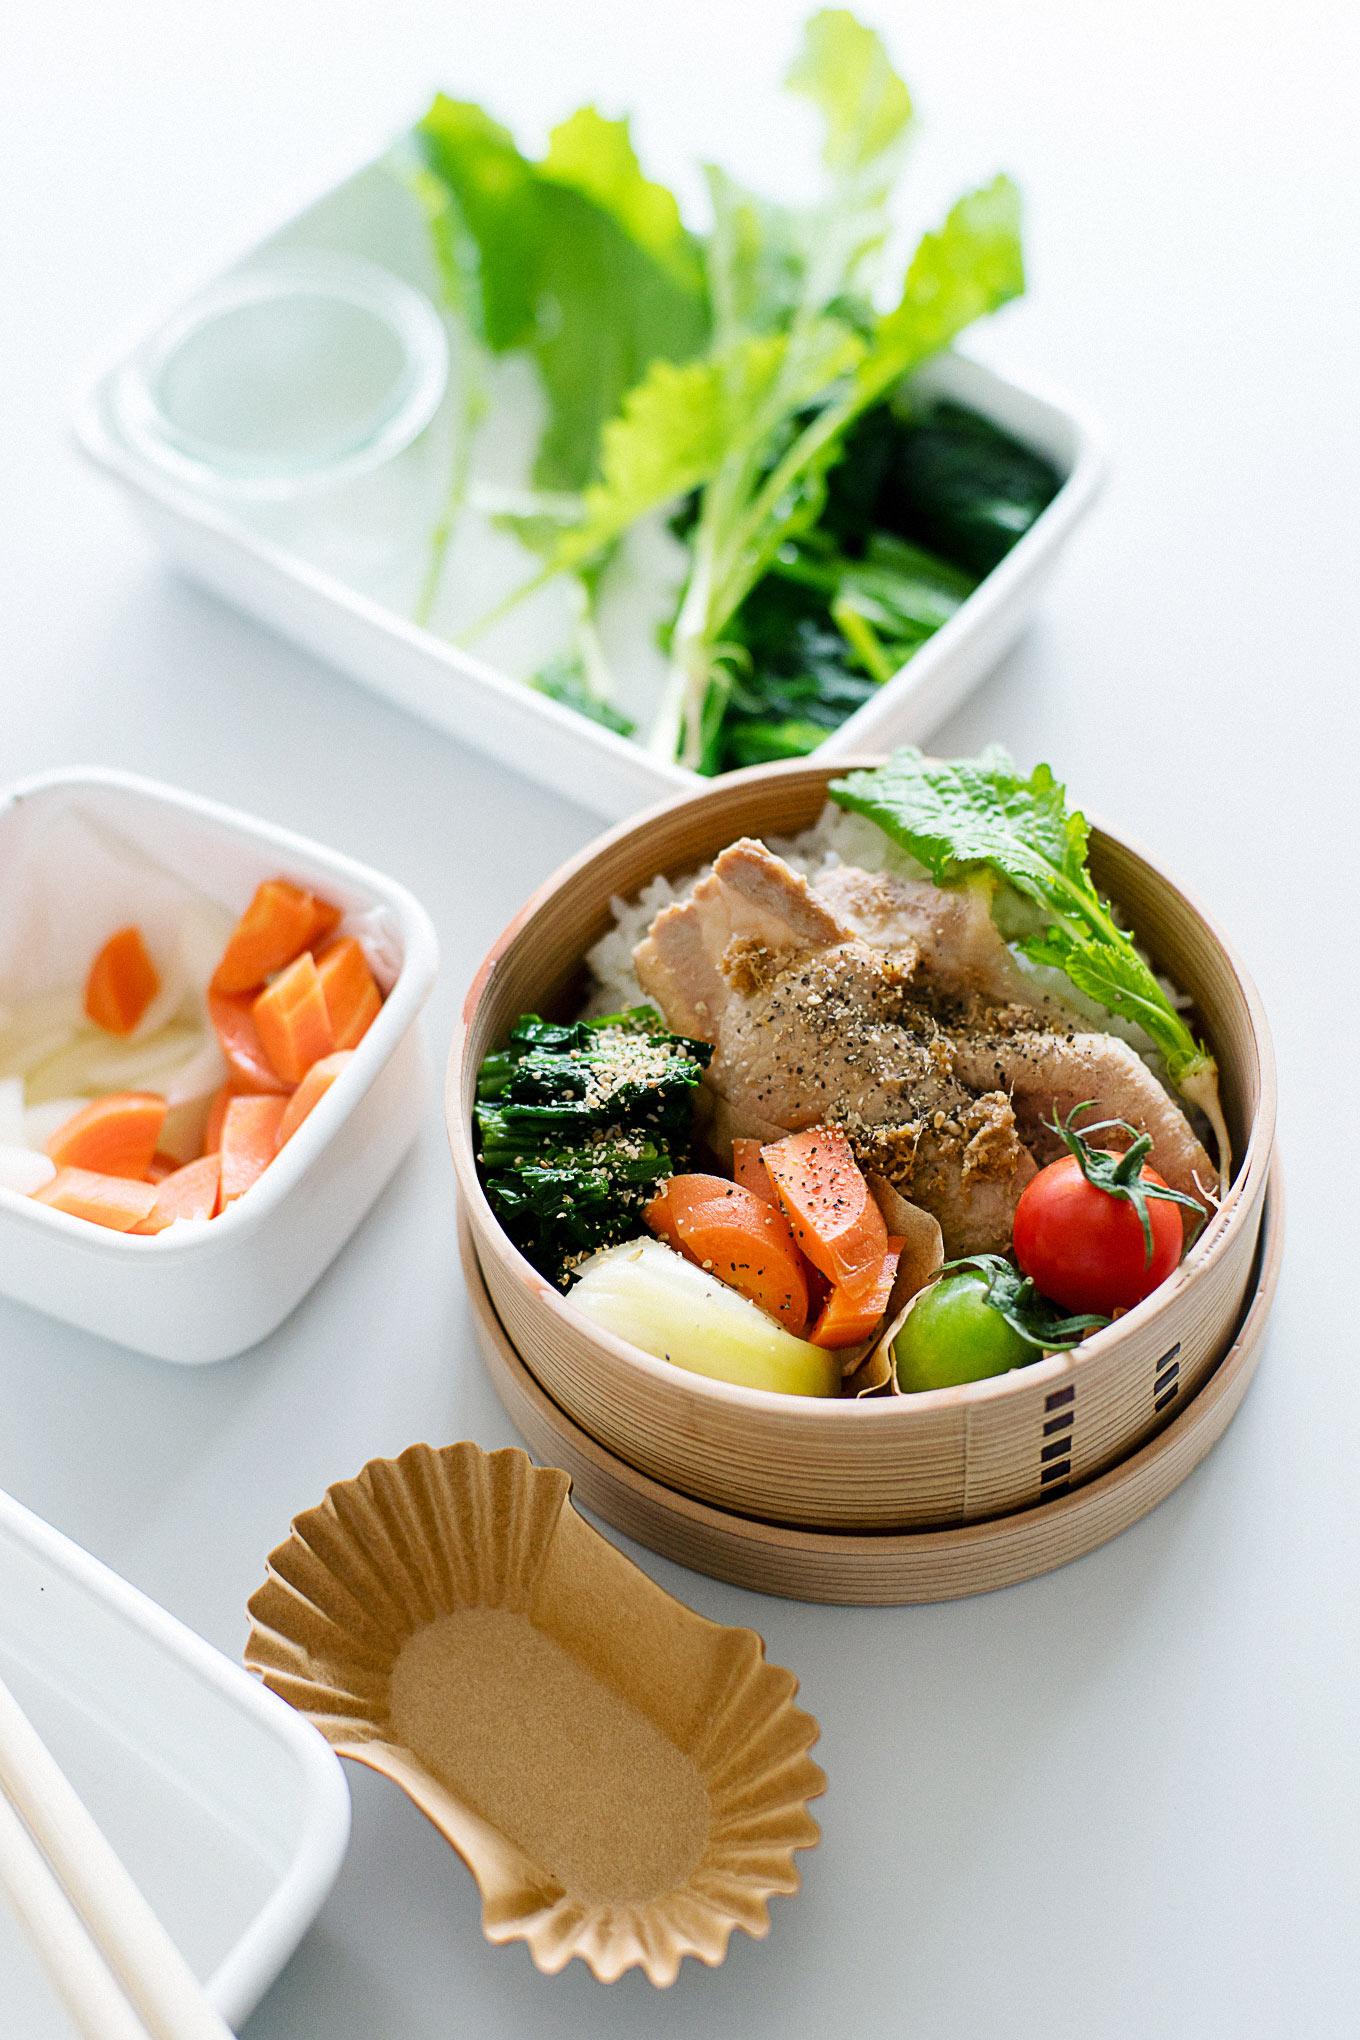 how-to-make-ginger%e2%80%90fried-pork-bento-19